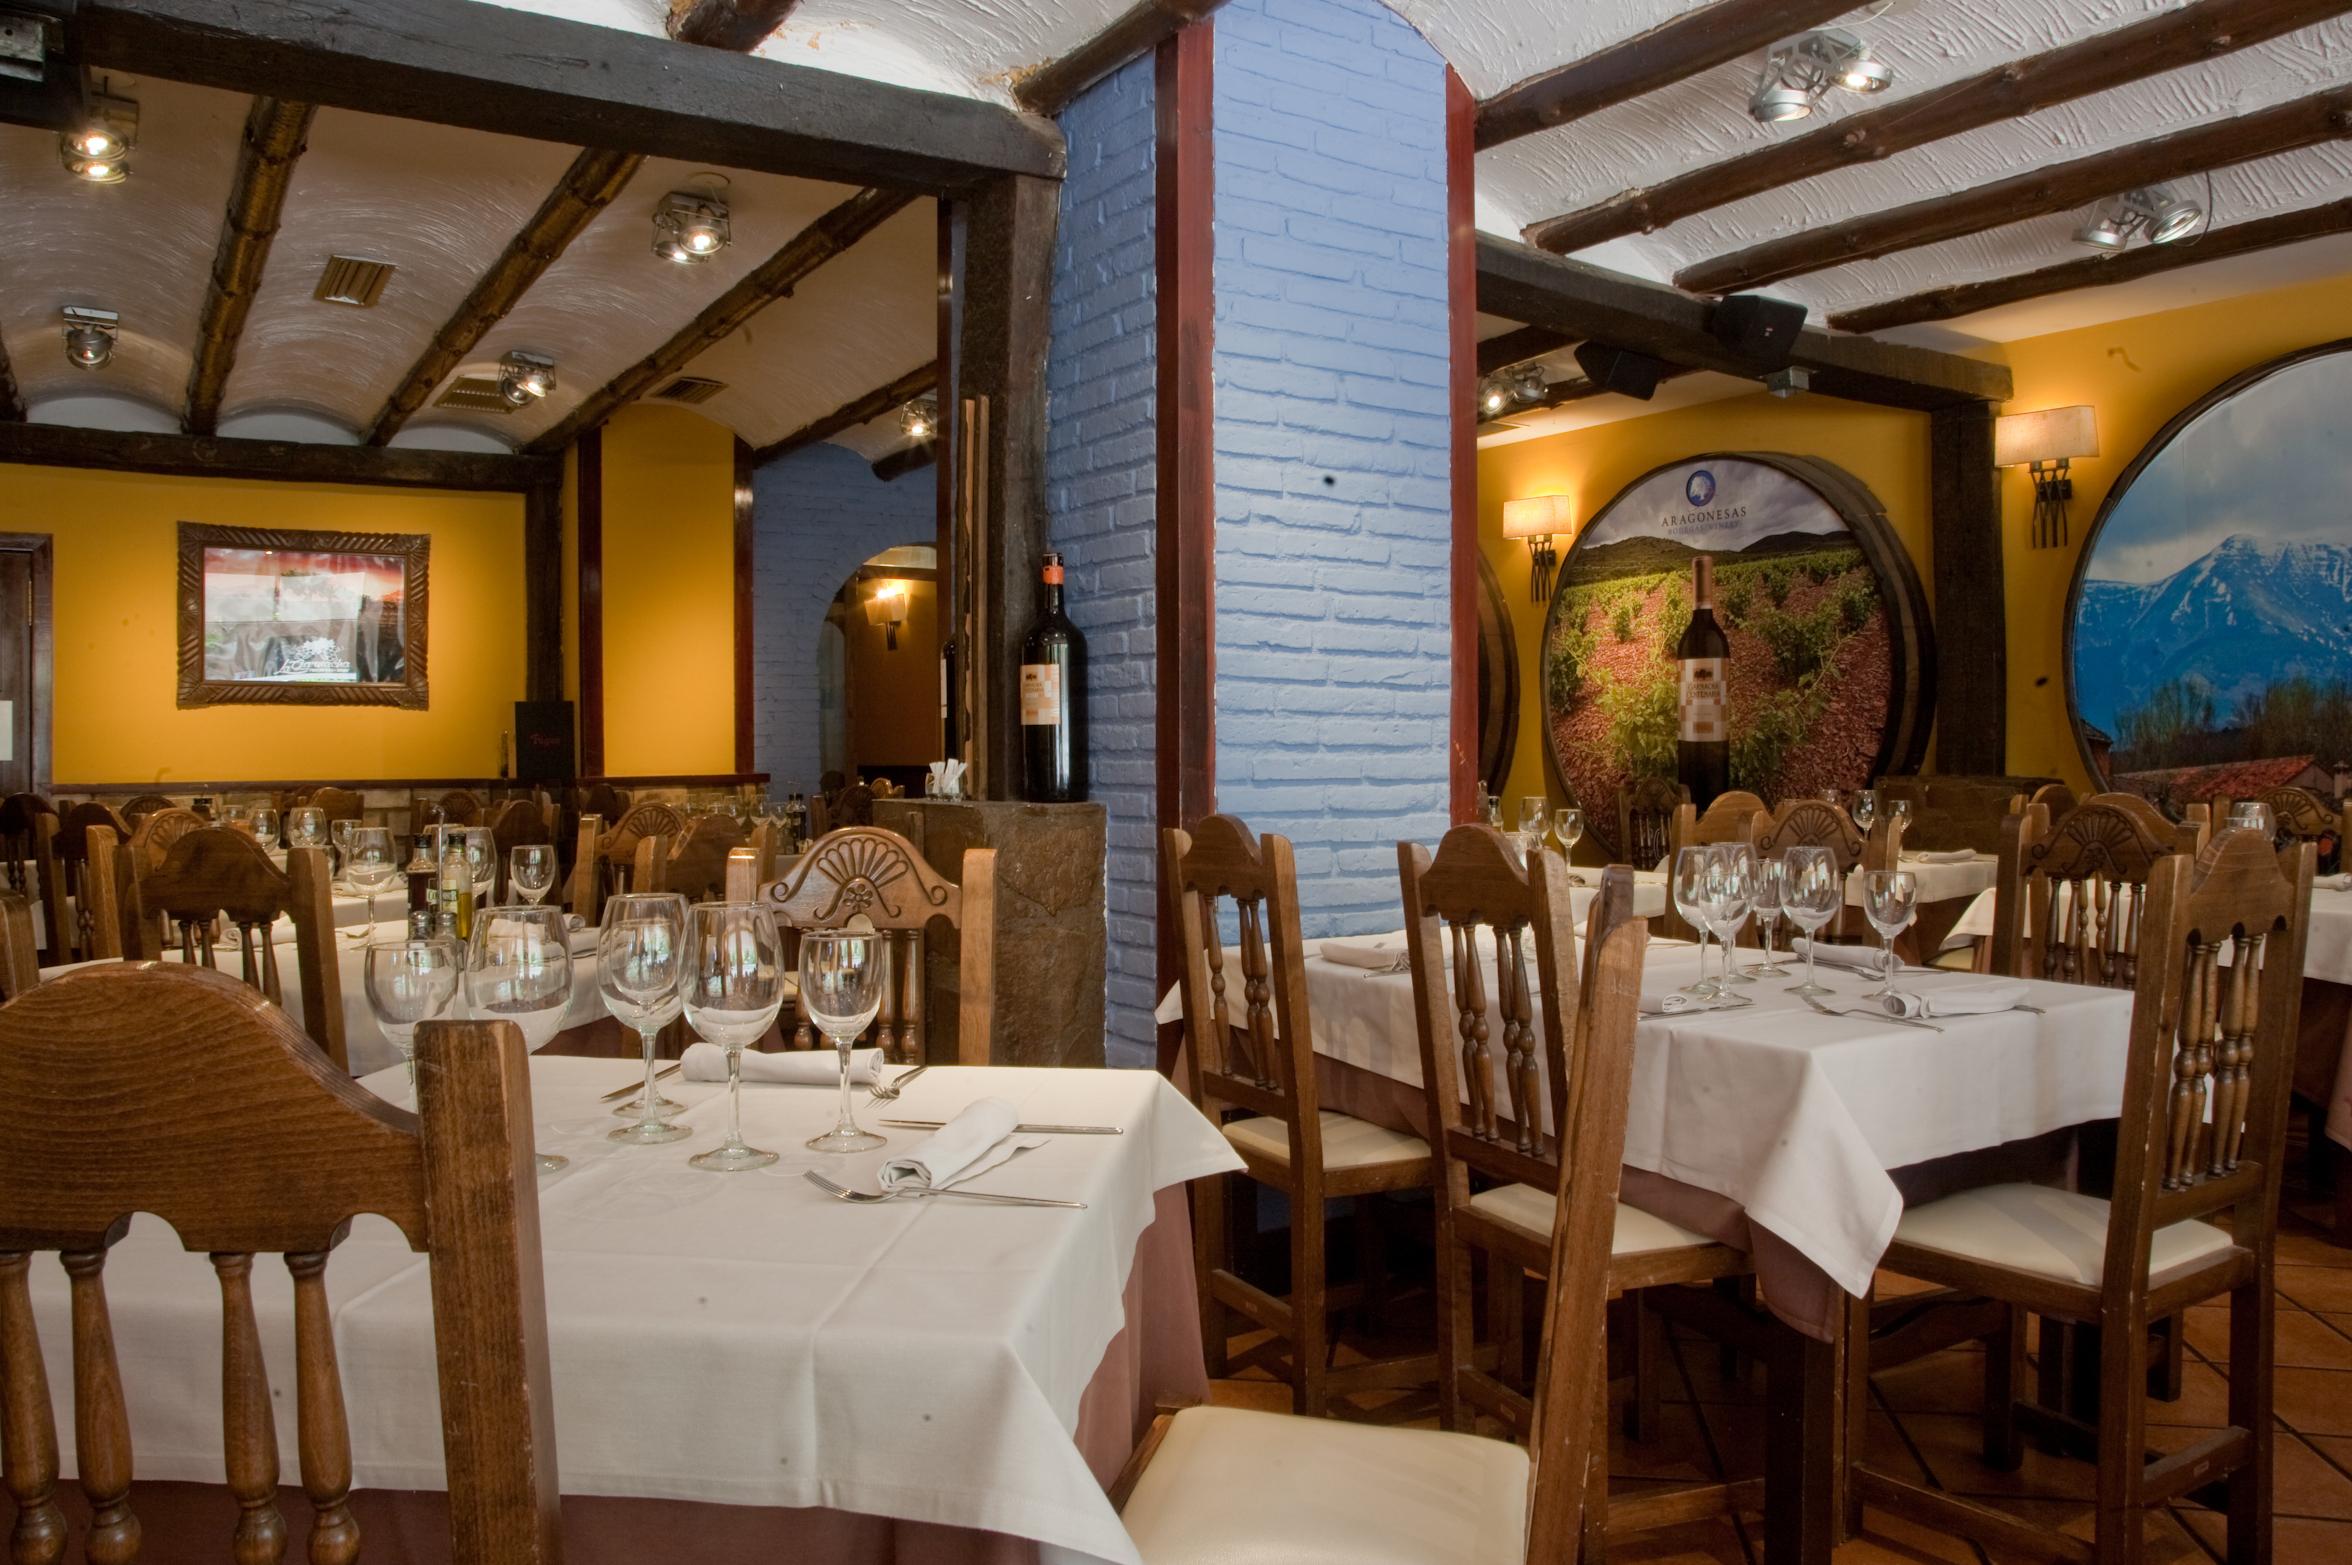 Restaurante especializado en asados en Zaragoza